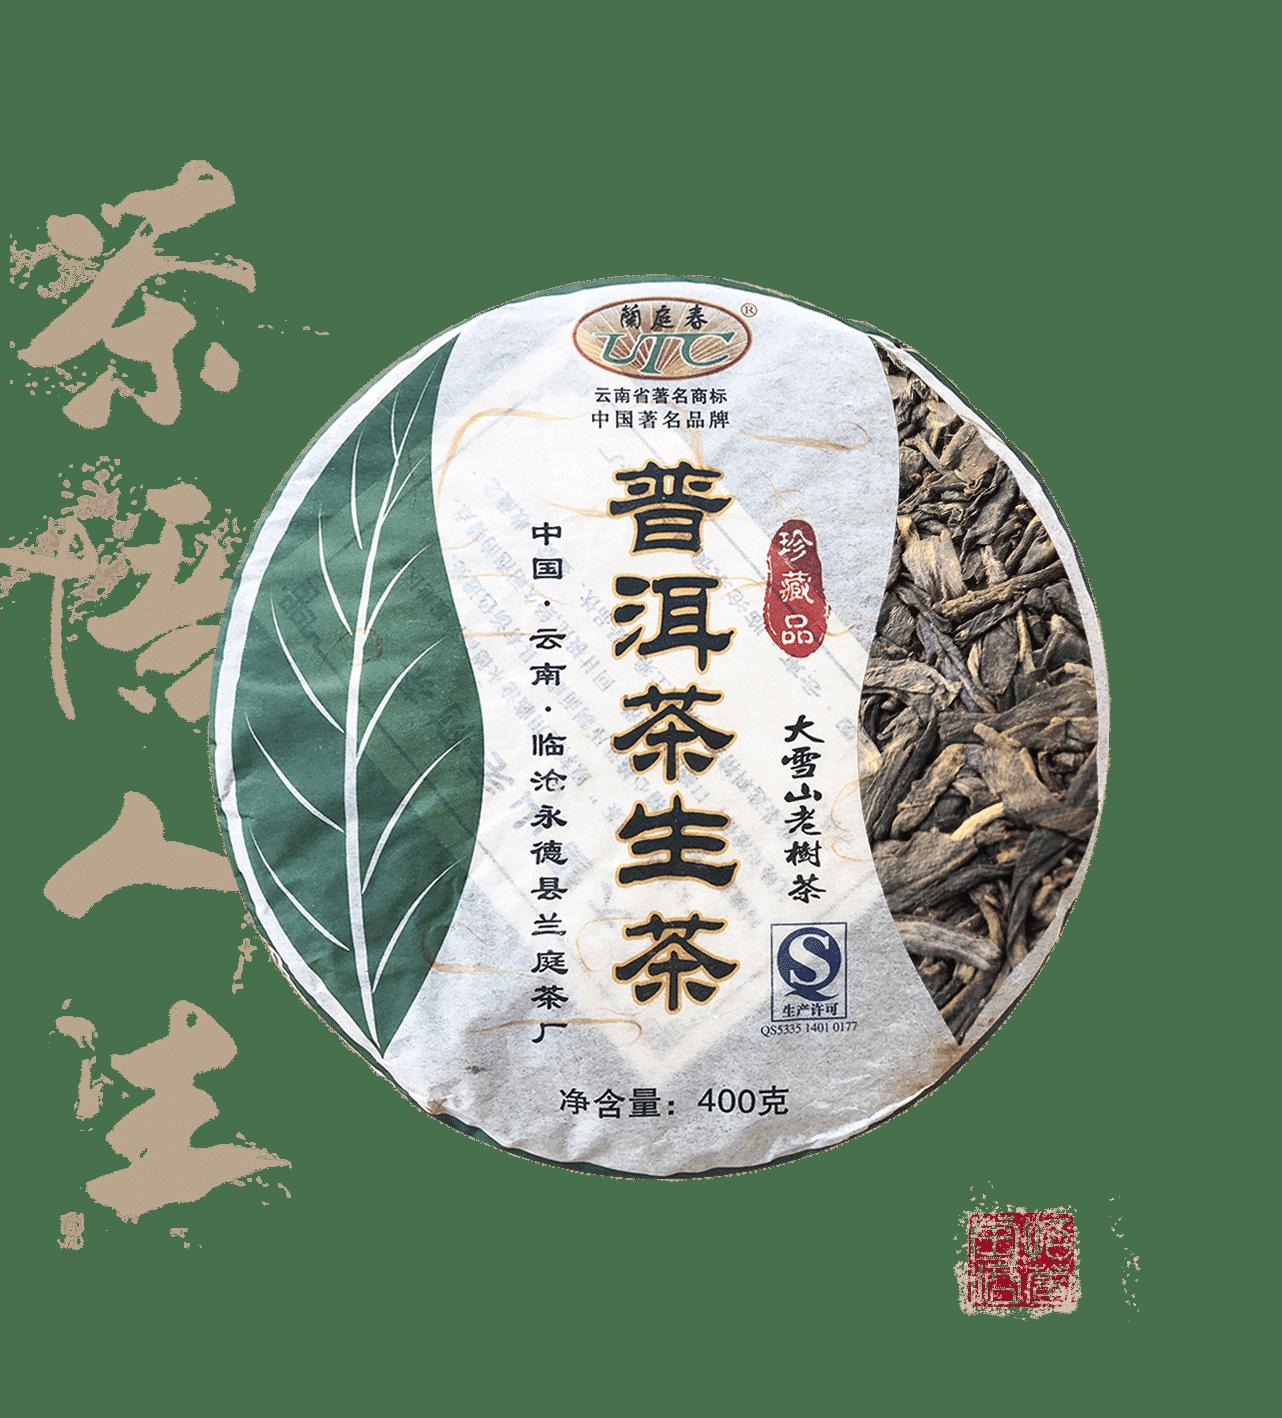 LTC DA XUE lao shu pu erh 2012 est un thé puerh cru sheng du yunnan